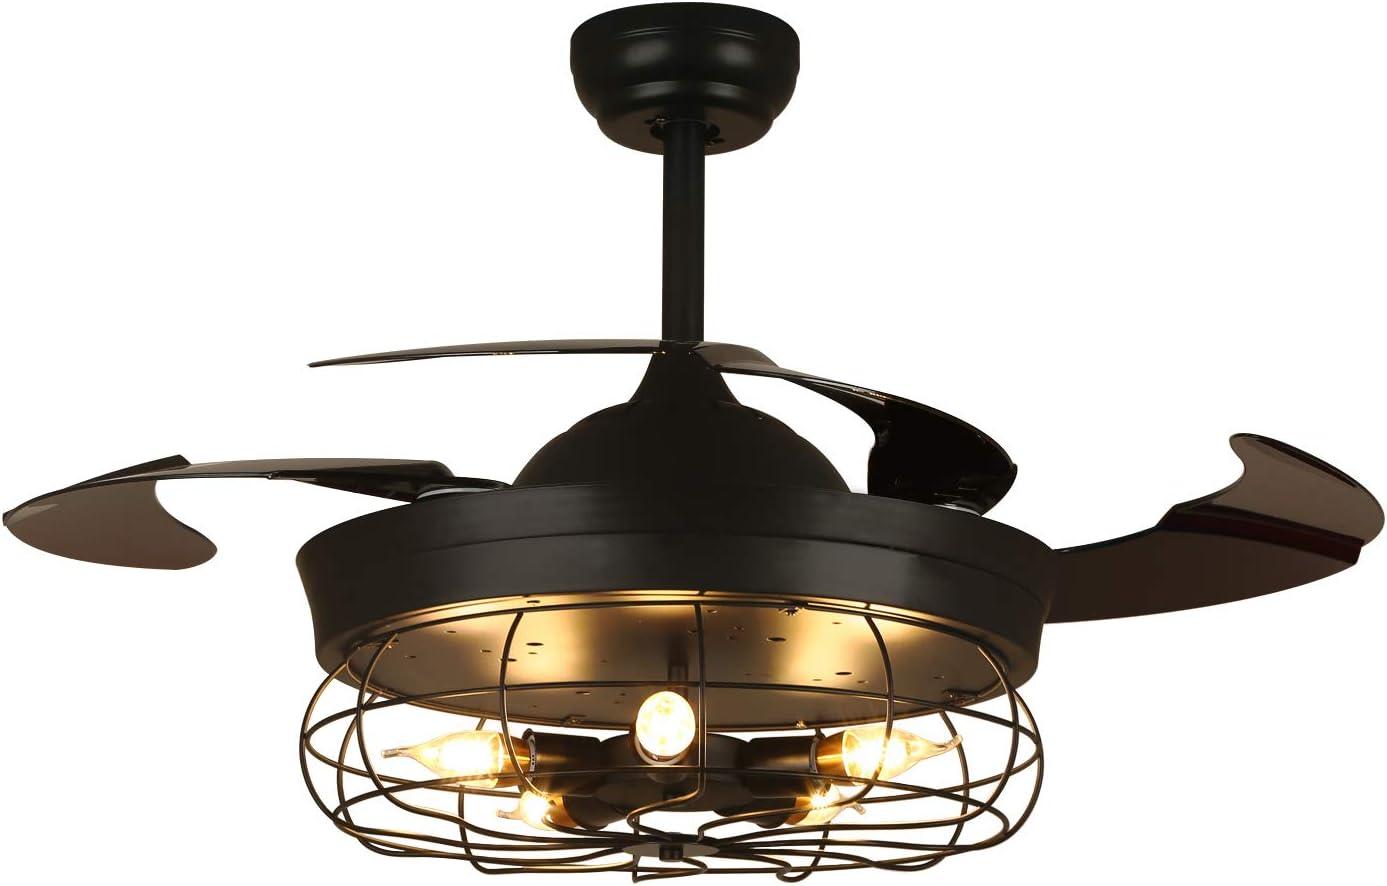 NOXARTE Industrial Ceiling Fan